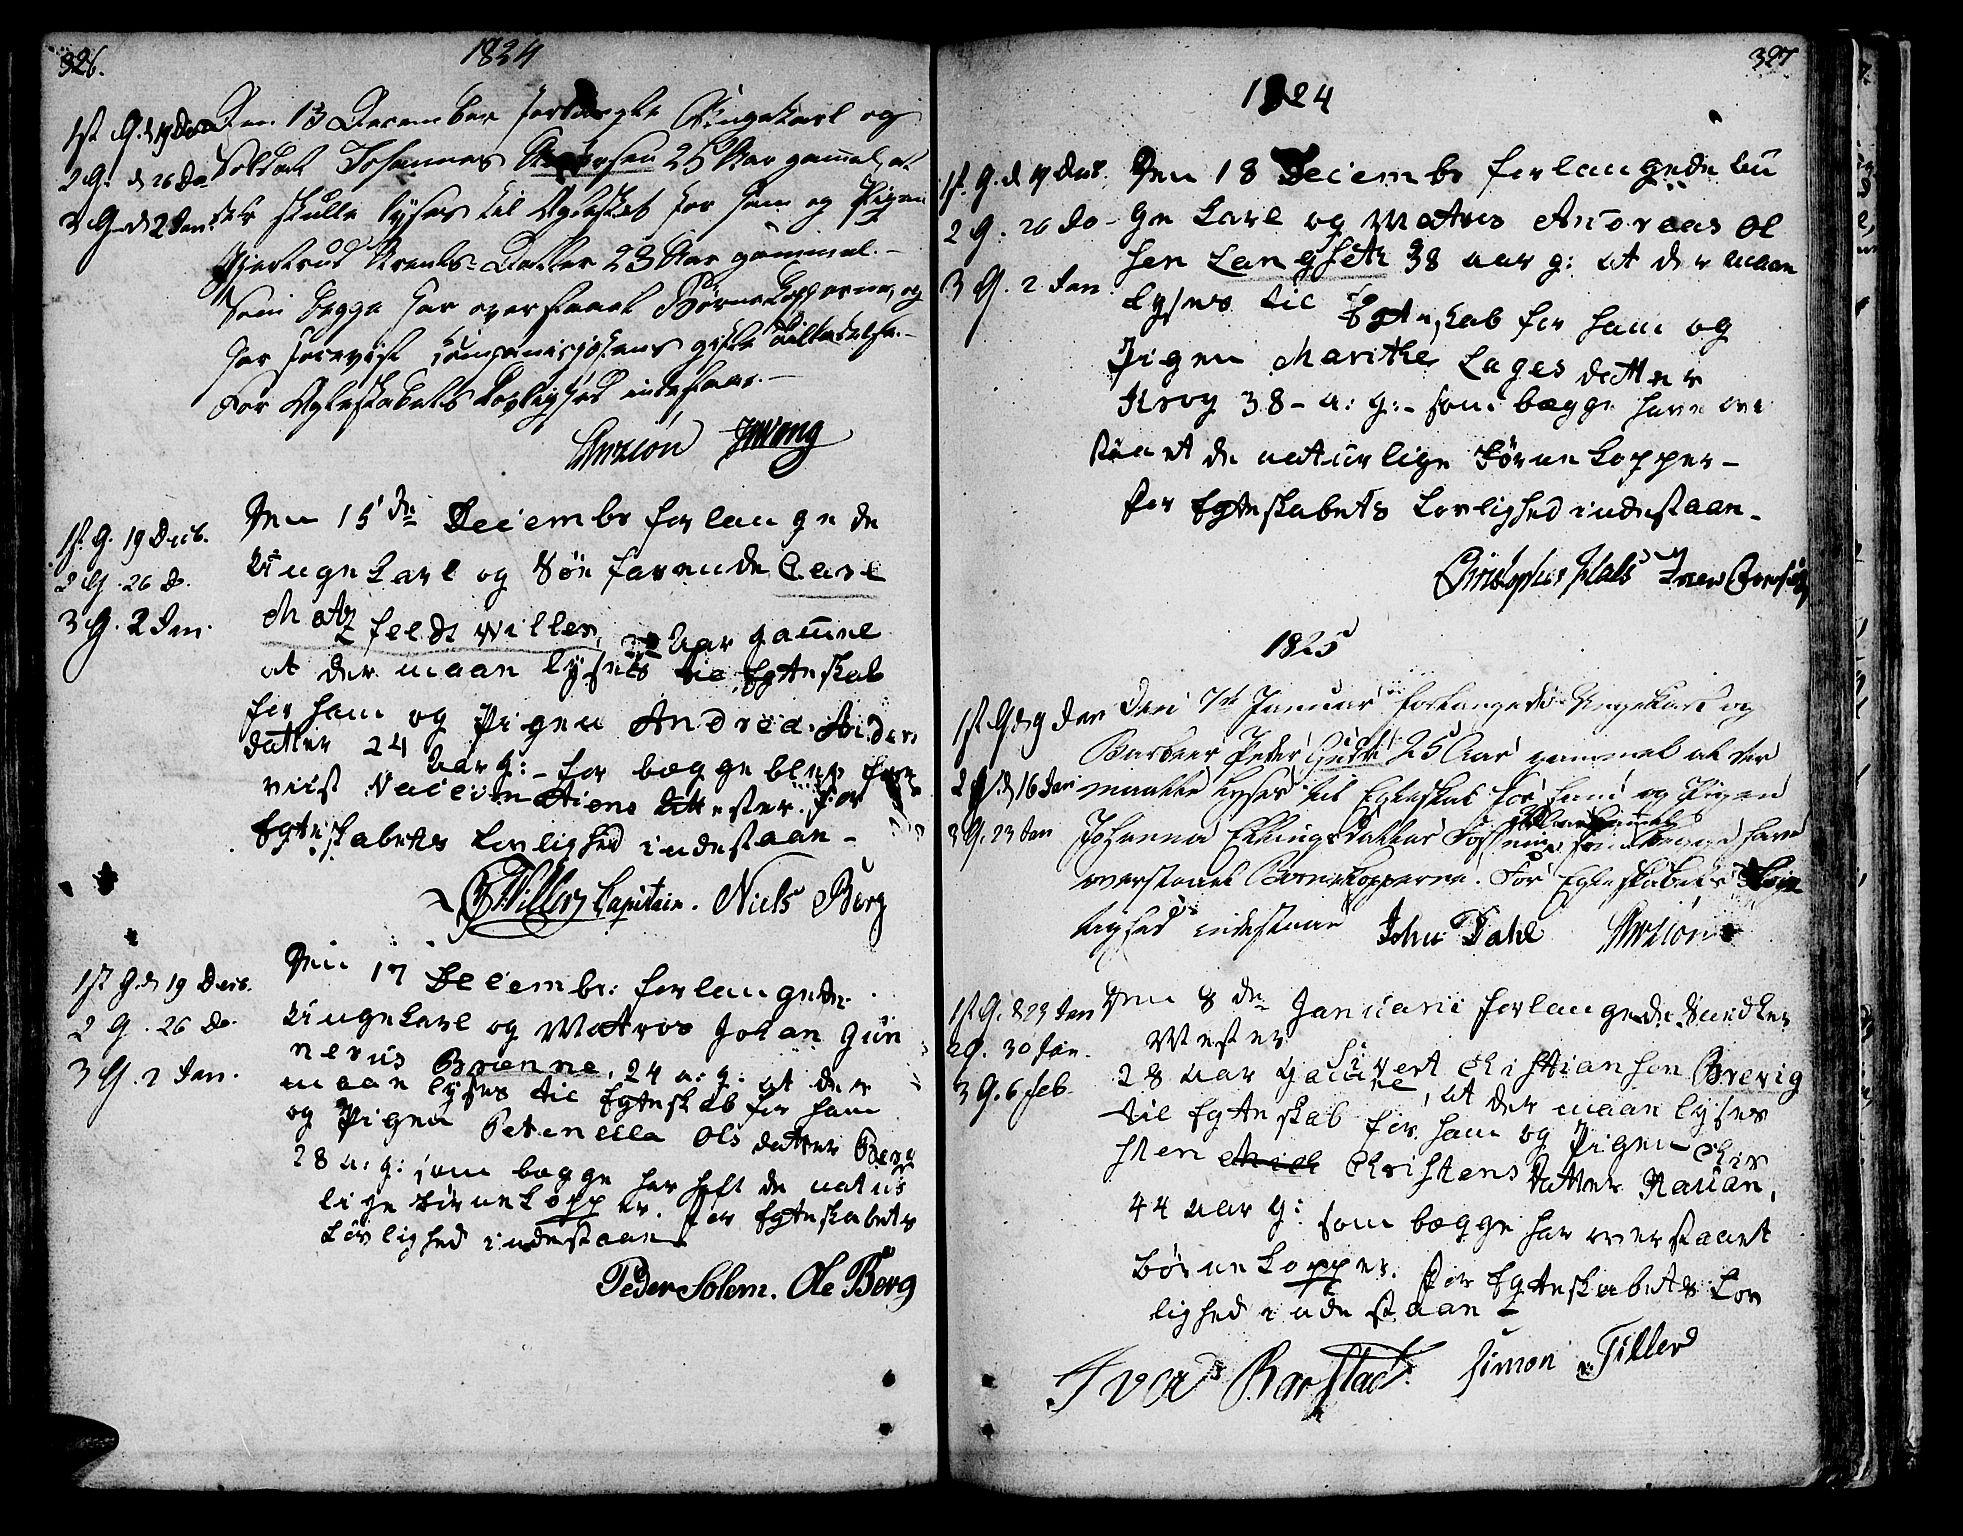 SAT, Ministerialprotokoller, klokkerbøker og fødselsregistre - Sør-Trøndelag, 601/L0042: Ministerialbok nr. 601A10, 1802-1830, s. 326-327